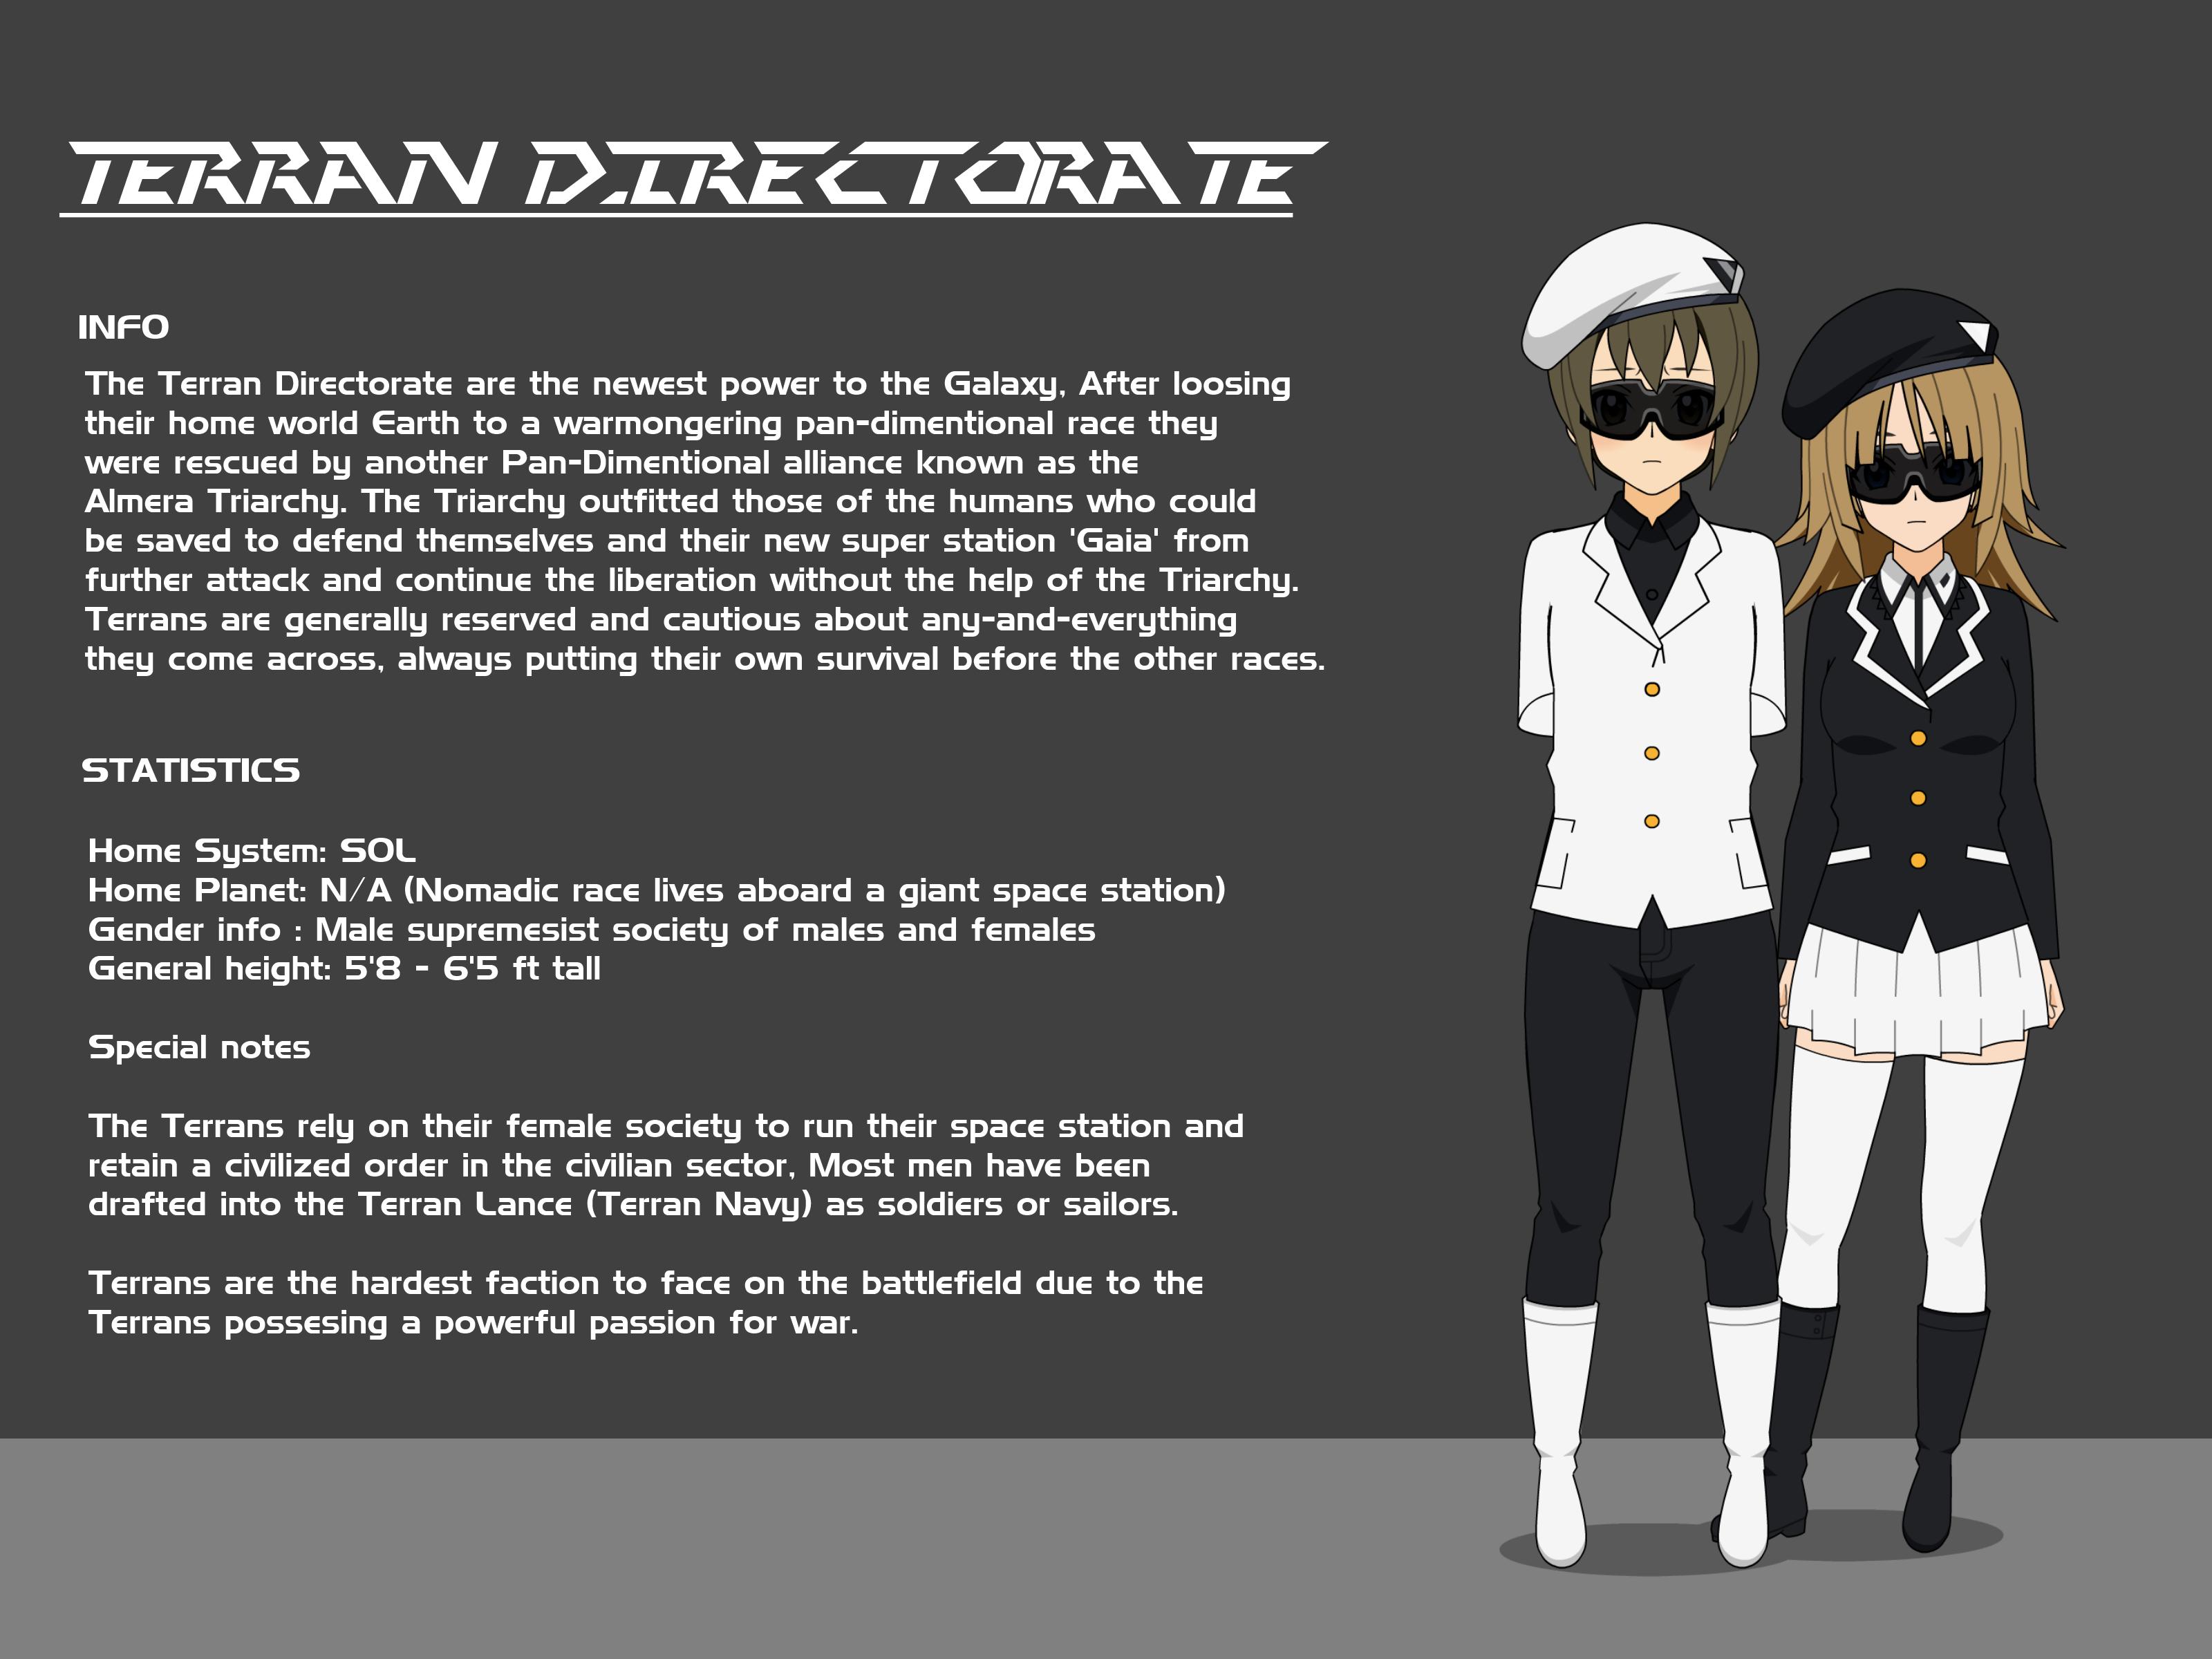 Terran Directorate by Gwentari